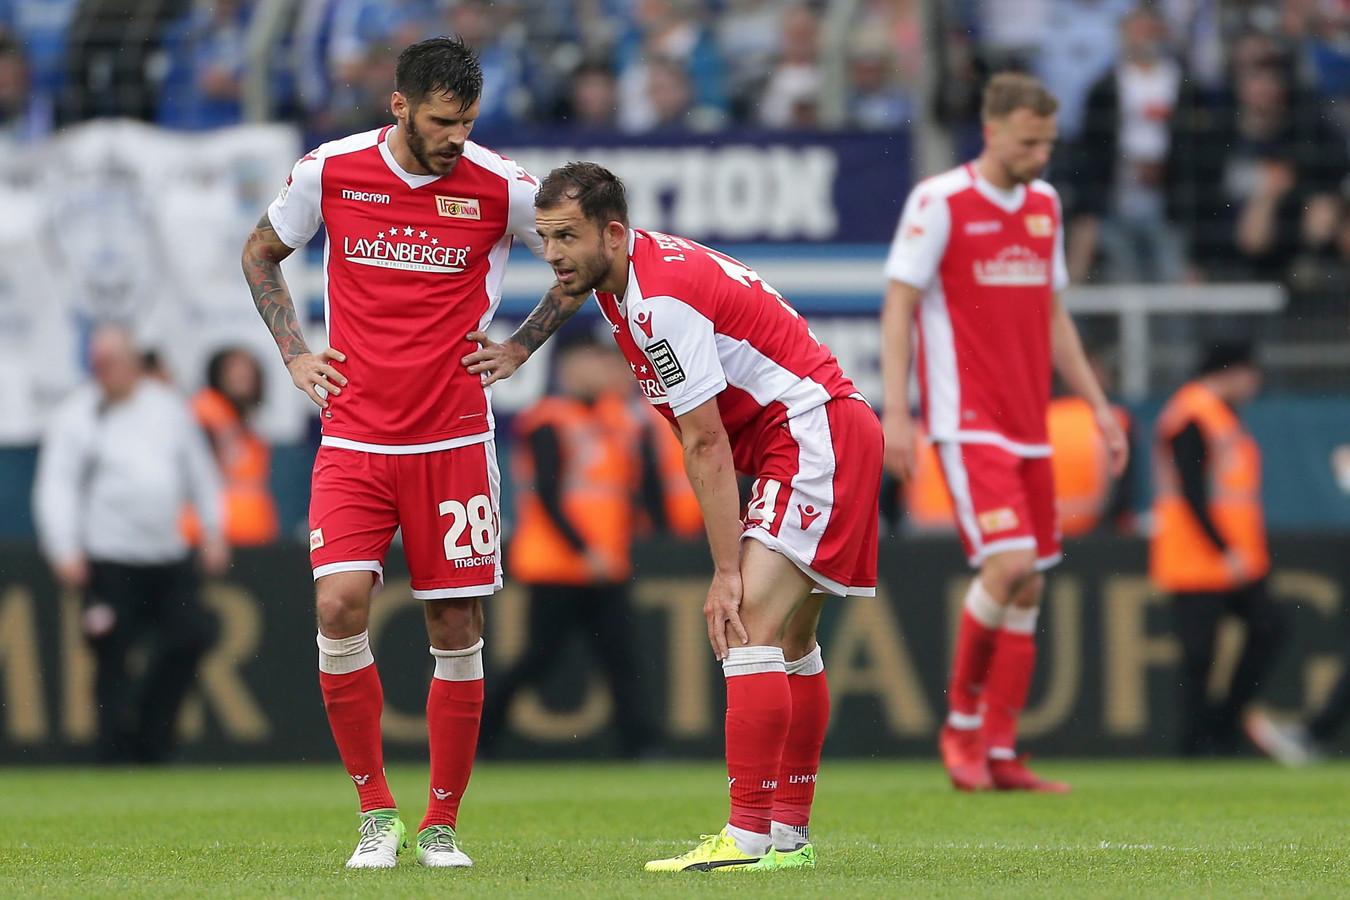 Teleurstelling bij de spelers van Union Berlin nadat ze op de laatste speeldag in Bochum promotie zijn misgelopen.